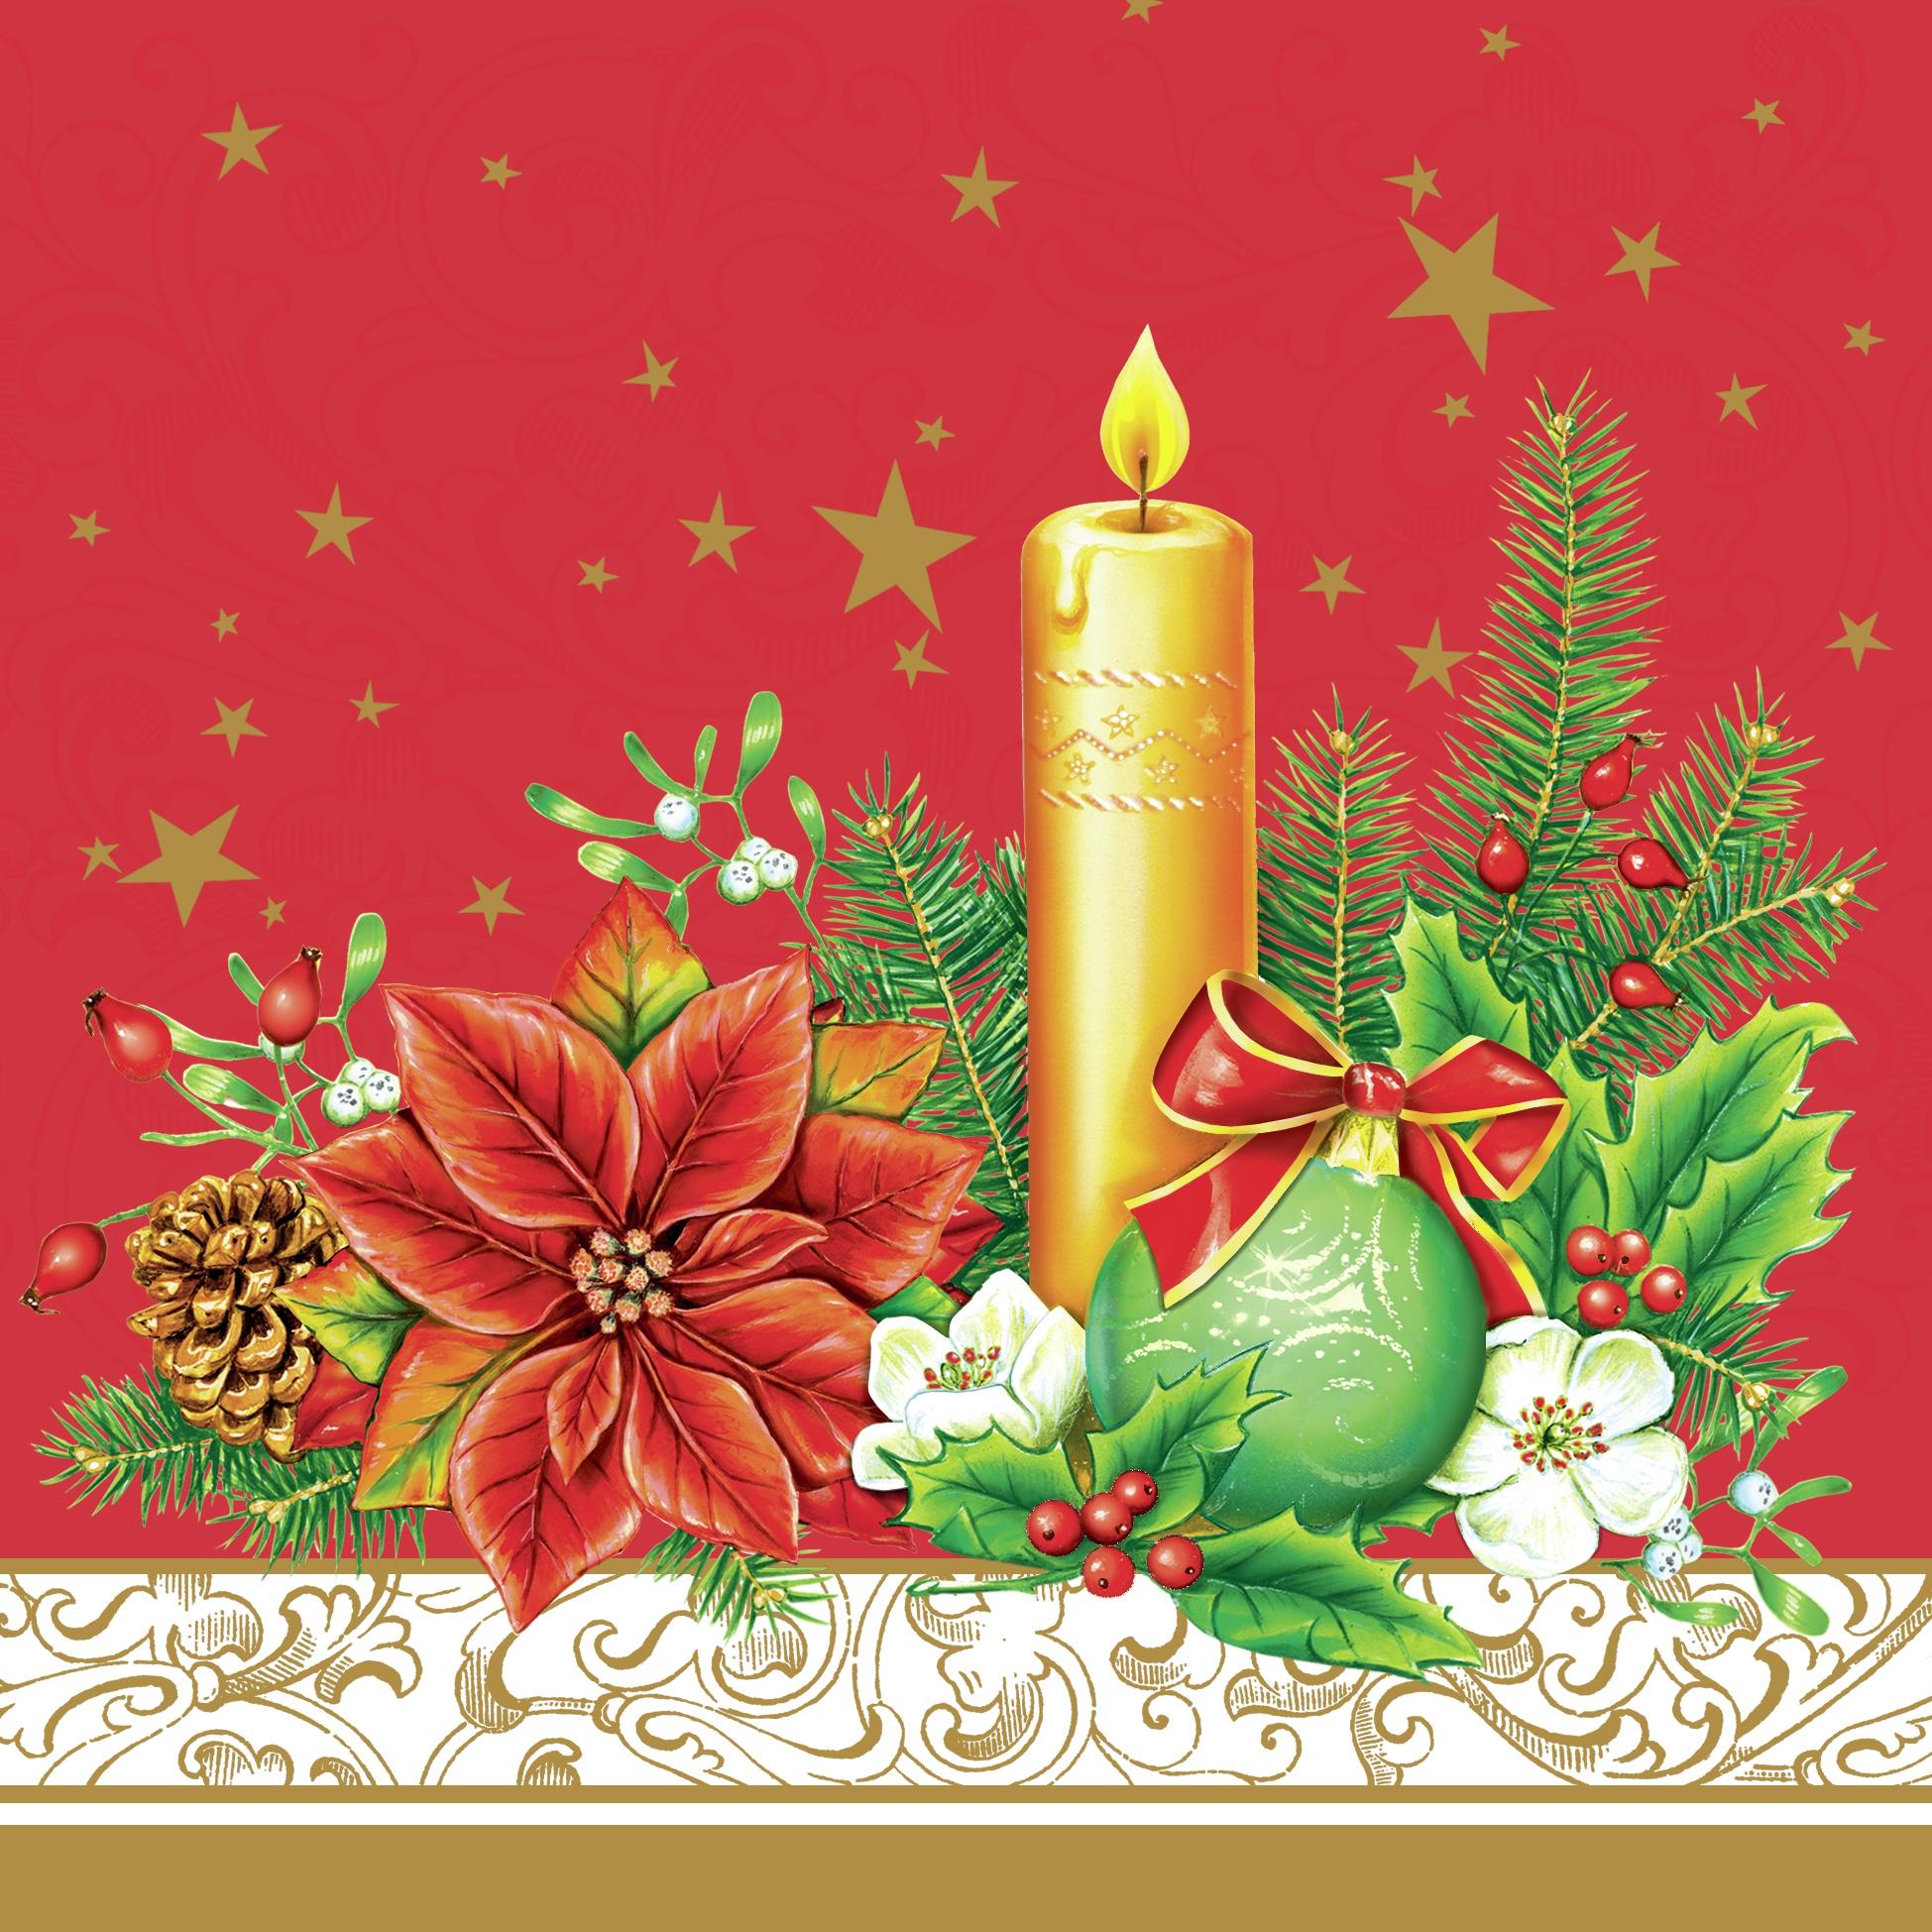 Lunch Servietten ,  Weihnachten - Kerzen,  Pflanzen - Ilex,  Weihnachten - Adventskranz,  Weihnachten,  lunchservietten,  Adventskranz,  Ilex,  Kerzen